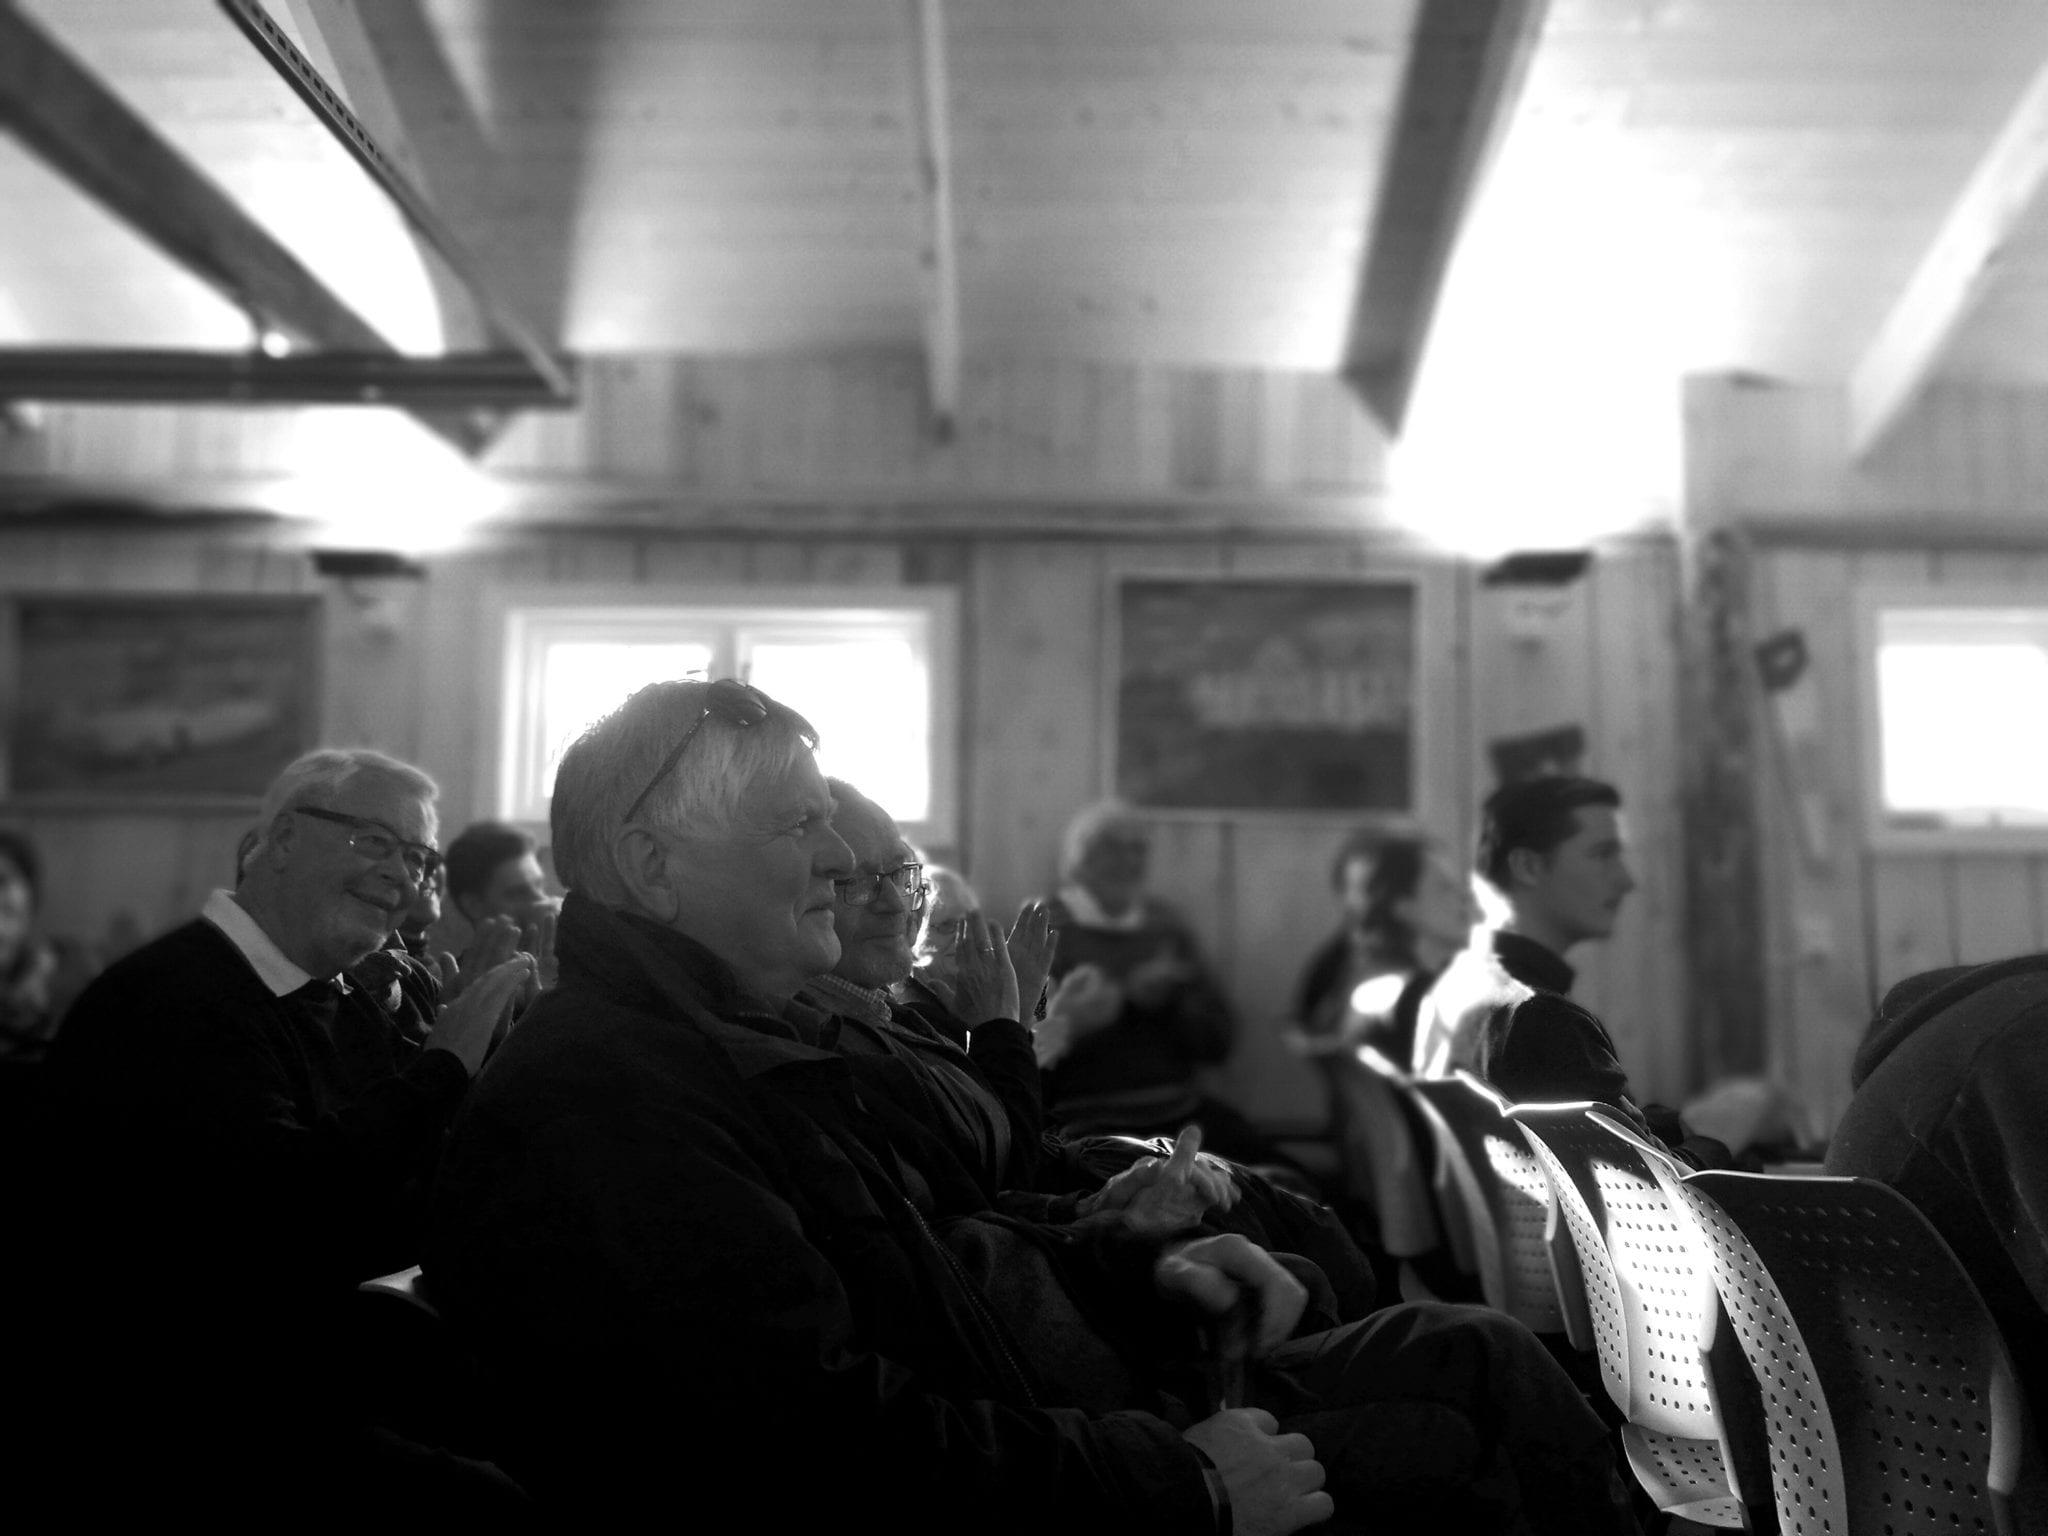 Blant gamle hus og gode mennesker skaper Vinterfestspill store musikkopplevelser. Foto: Form til fjells.